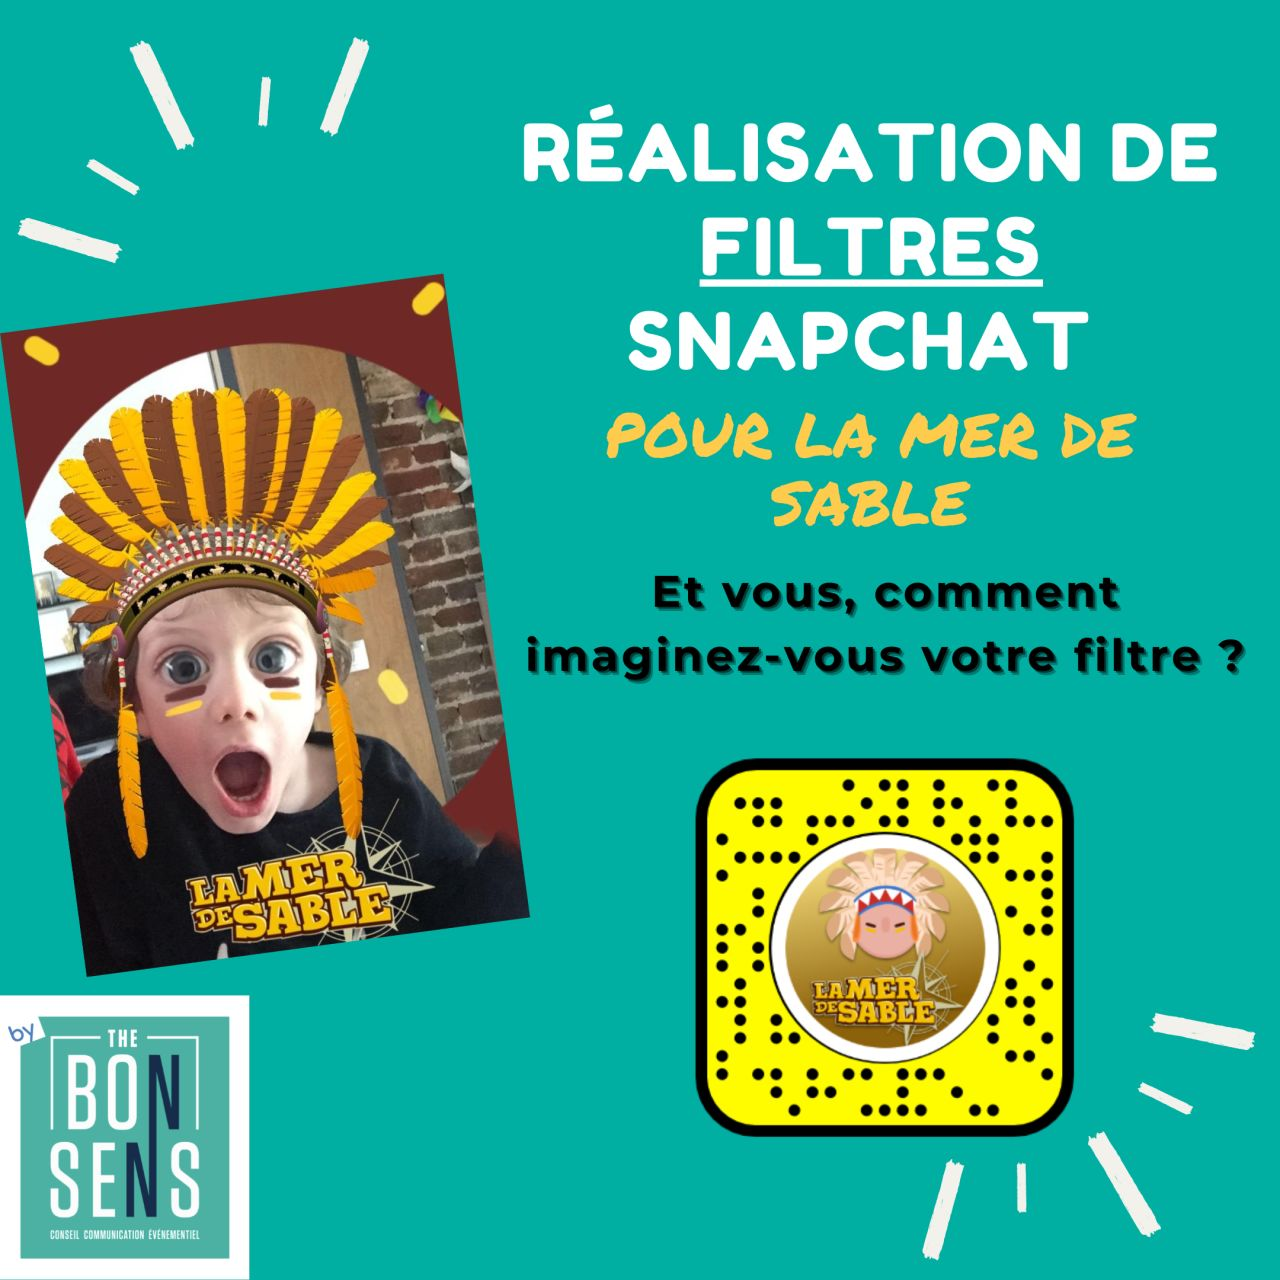 Filtre snapcht la mer de sable agence de communication the bon sens Hauts de France Compiègne digital communication